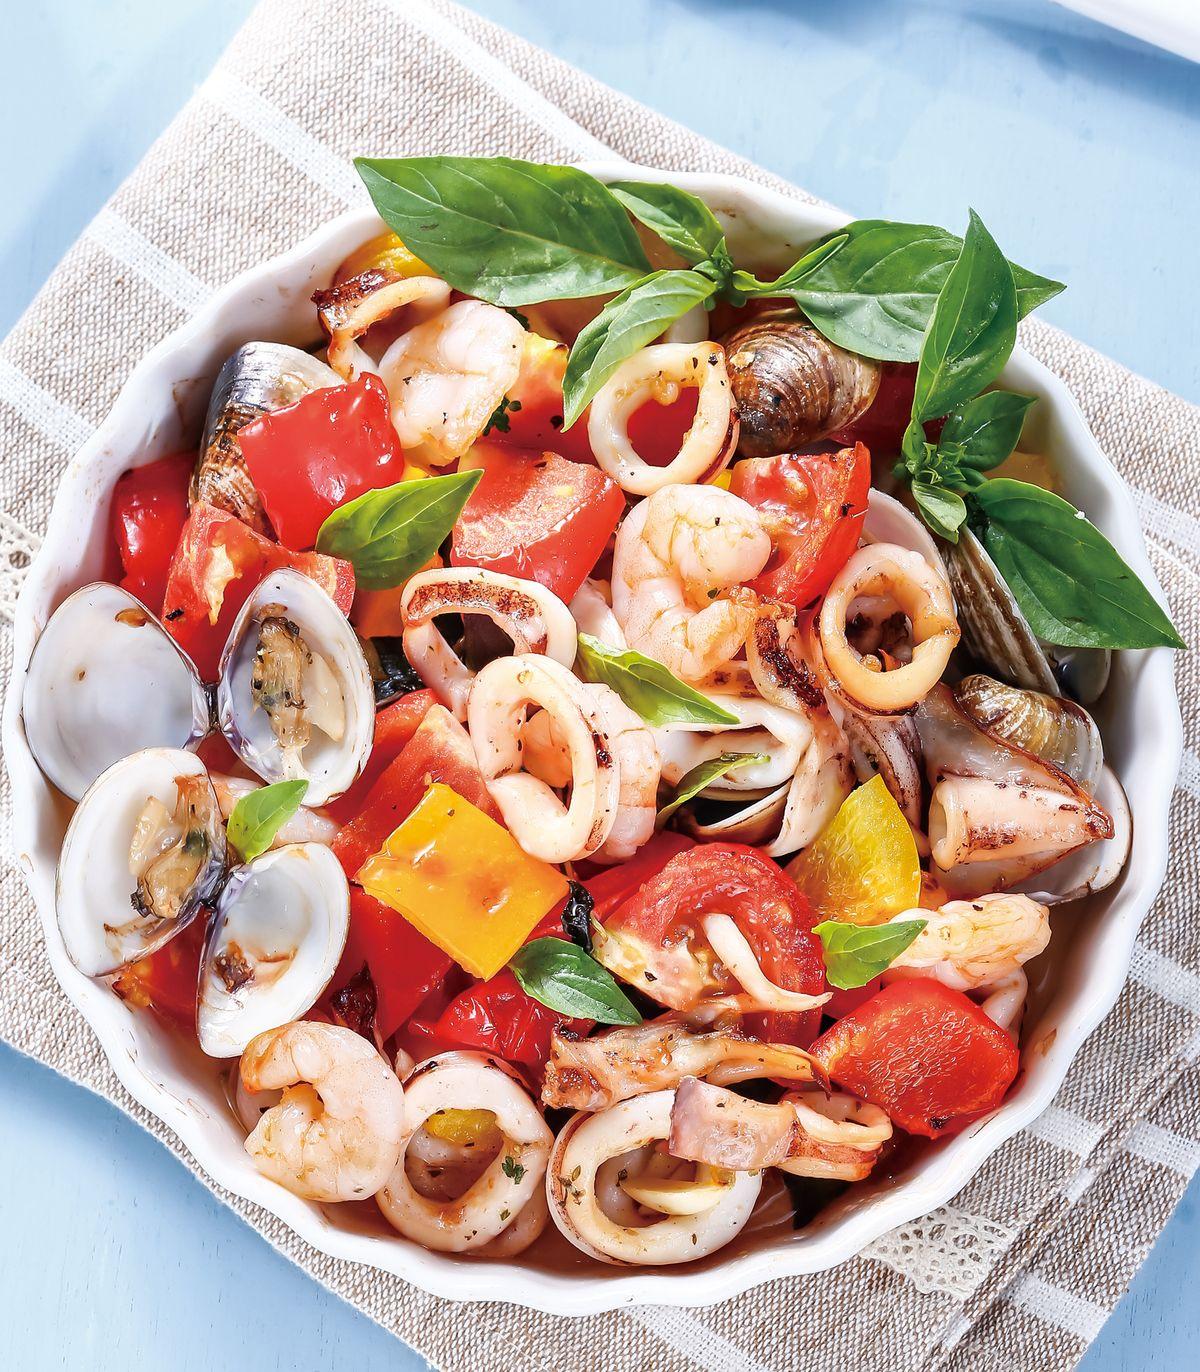 食譜:地中海烤海鮮